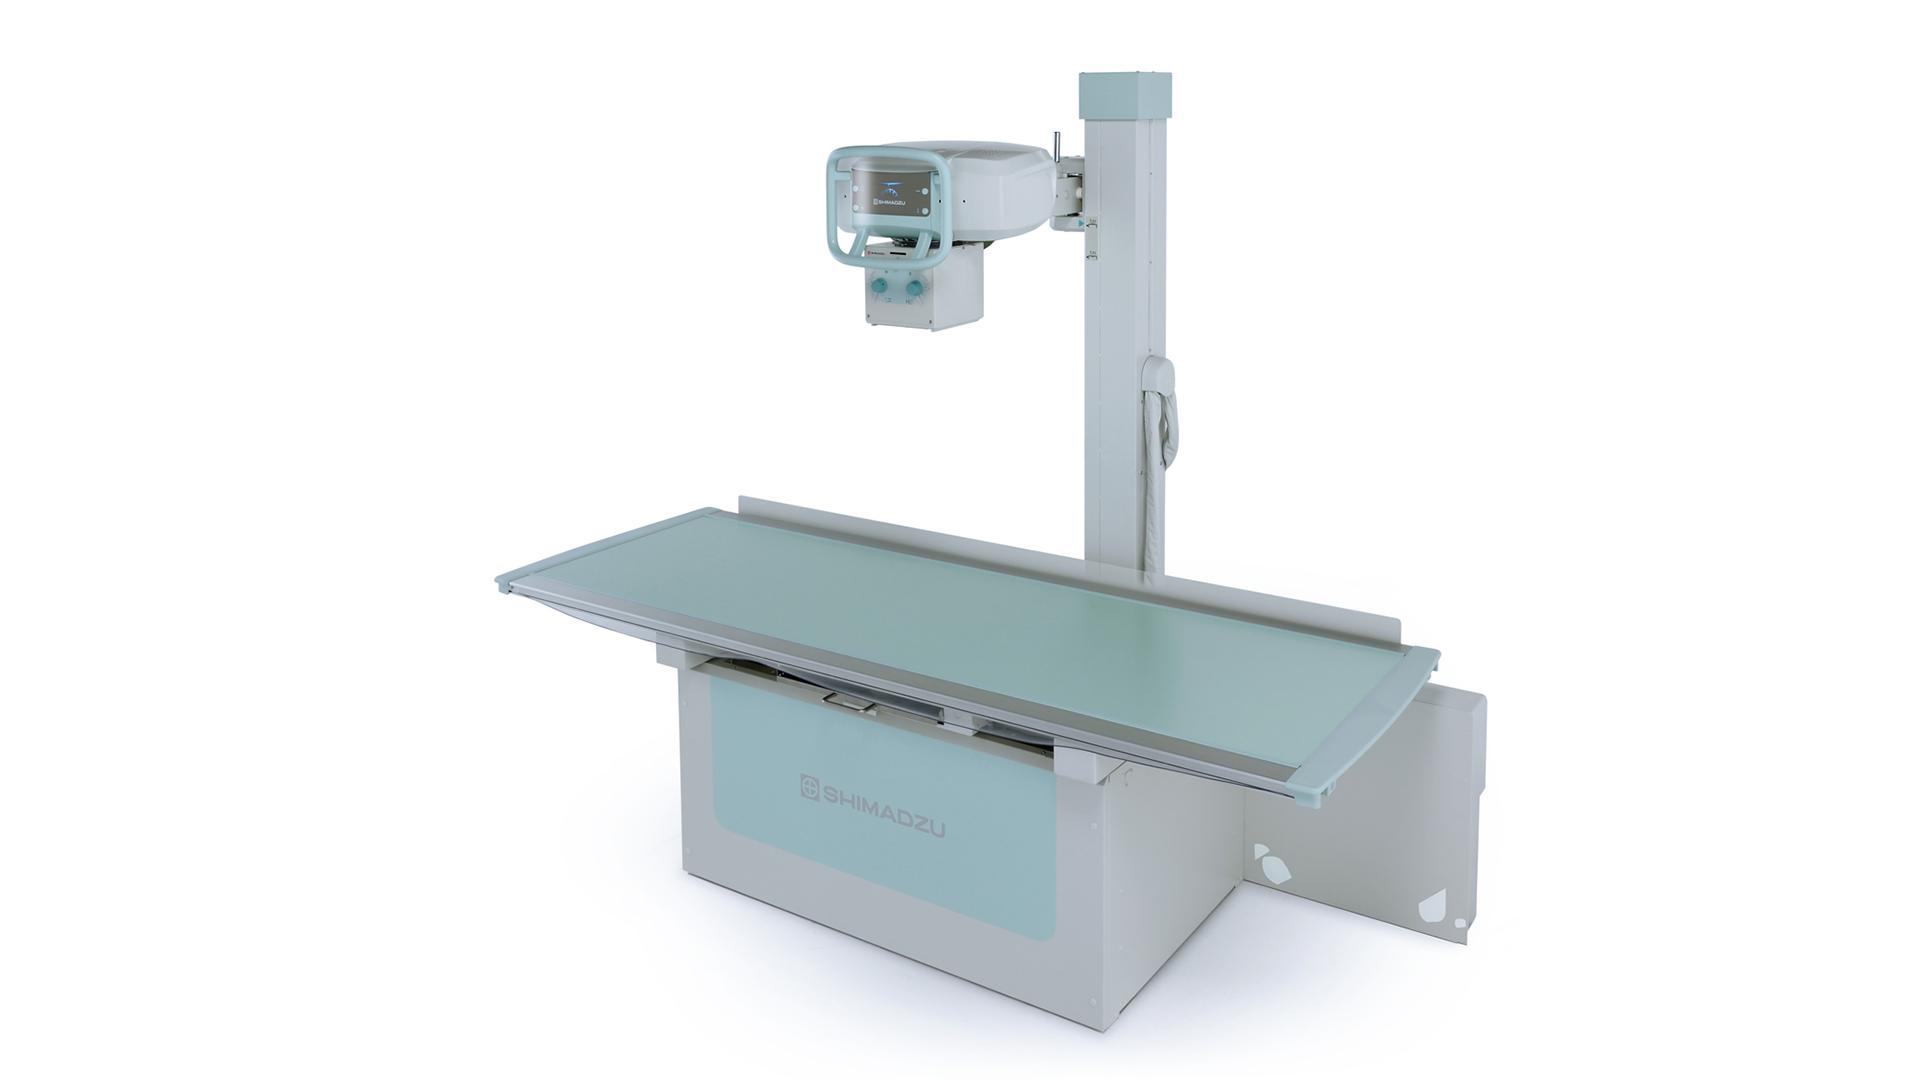 Röntgentechnik Bodengeführte Anlagen: Shimadzu RADspeed fit Plus